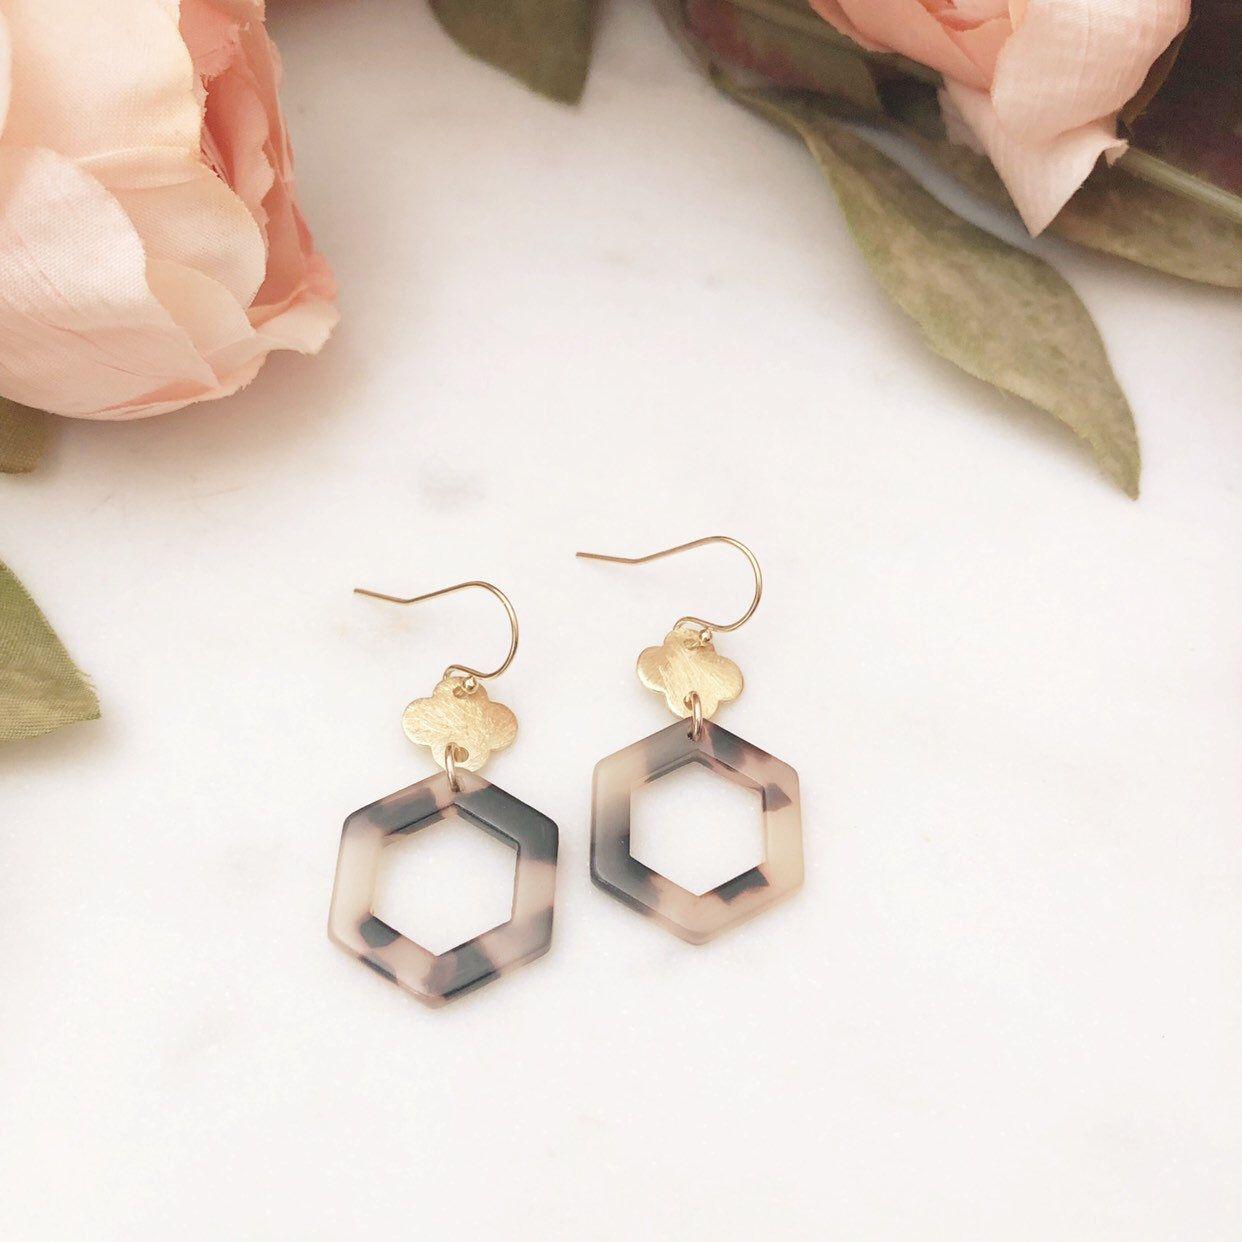 EVA | Tortoise Shell Earrings | Hexagon Earrings | Blonde Tortoise Shell Hexagon Earrings | Geometric Earrings | Tortoise Earrings